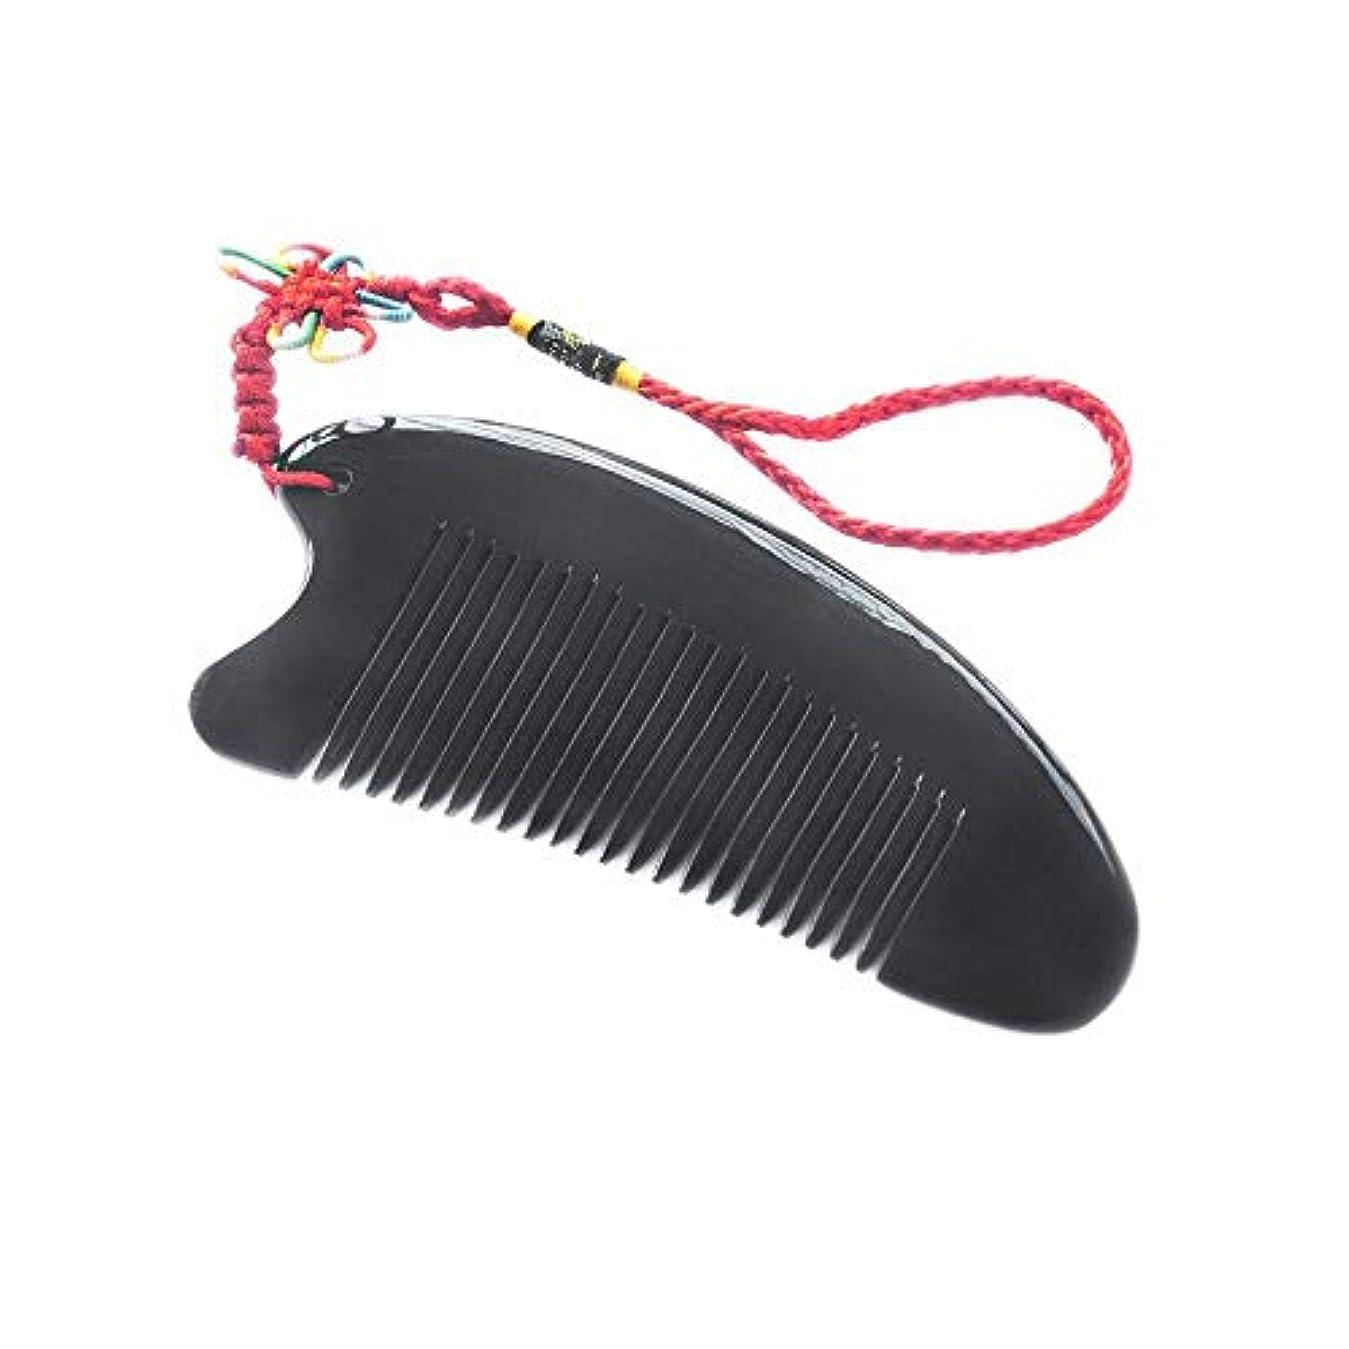 ペインギリックギャラントリー警察女性と男性のための新しい帯電防止バッファローホーン櫛黒手作りのナチュラル木製くし ヘアケア